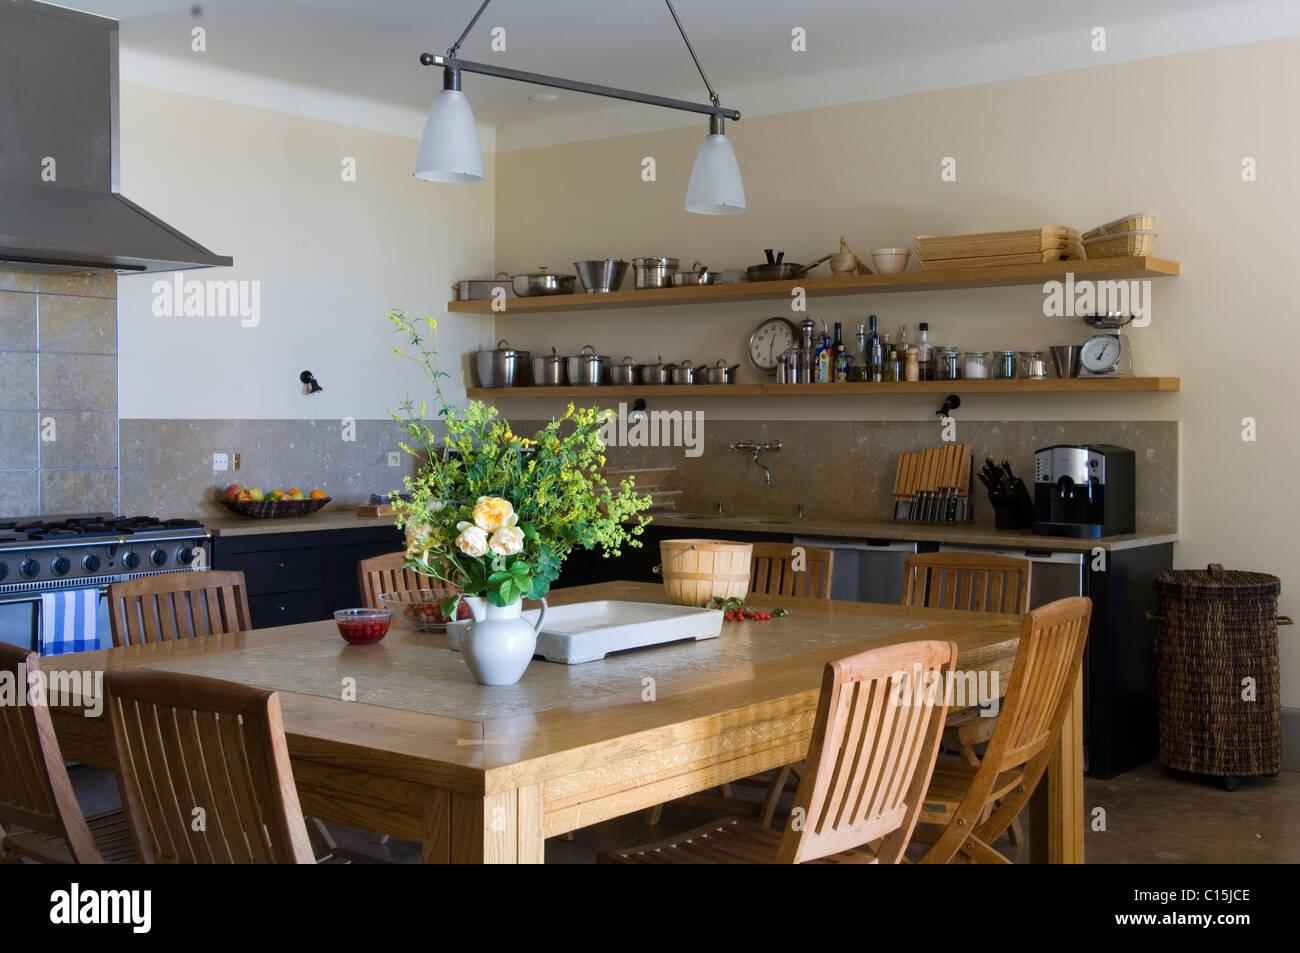 Klappstuhl holz küche  Provenzalisches Landhaus-Küche mit Esstisch aus Holz, Klappstühle ...